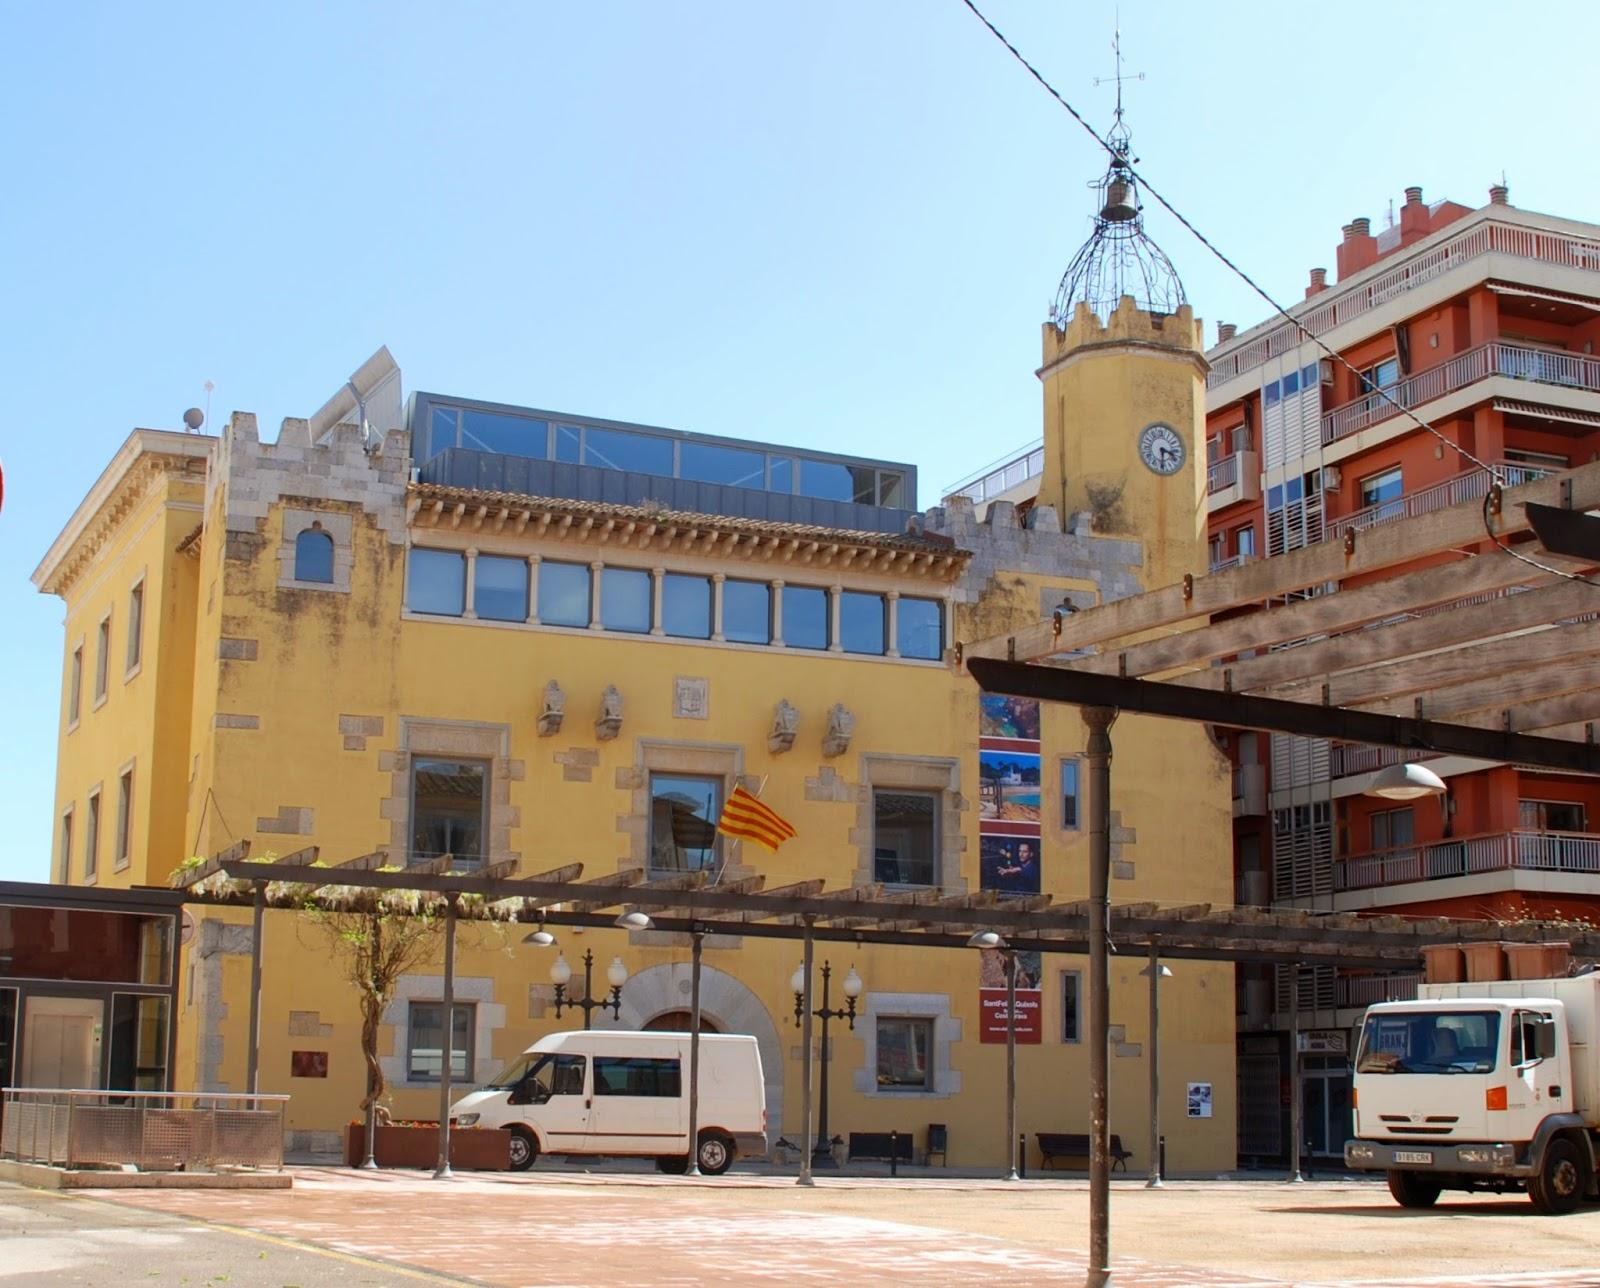 Town Hall, Sant Feliu de Guíxols